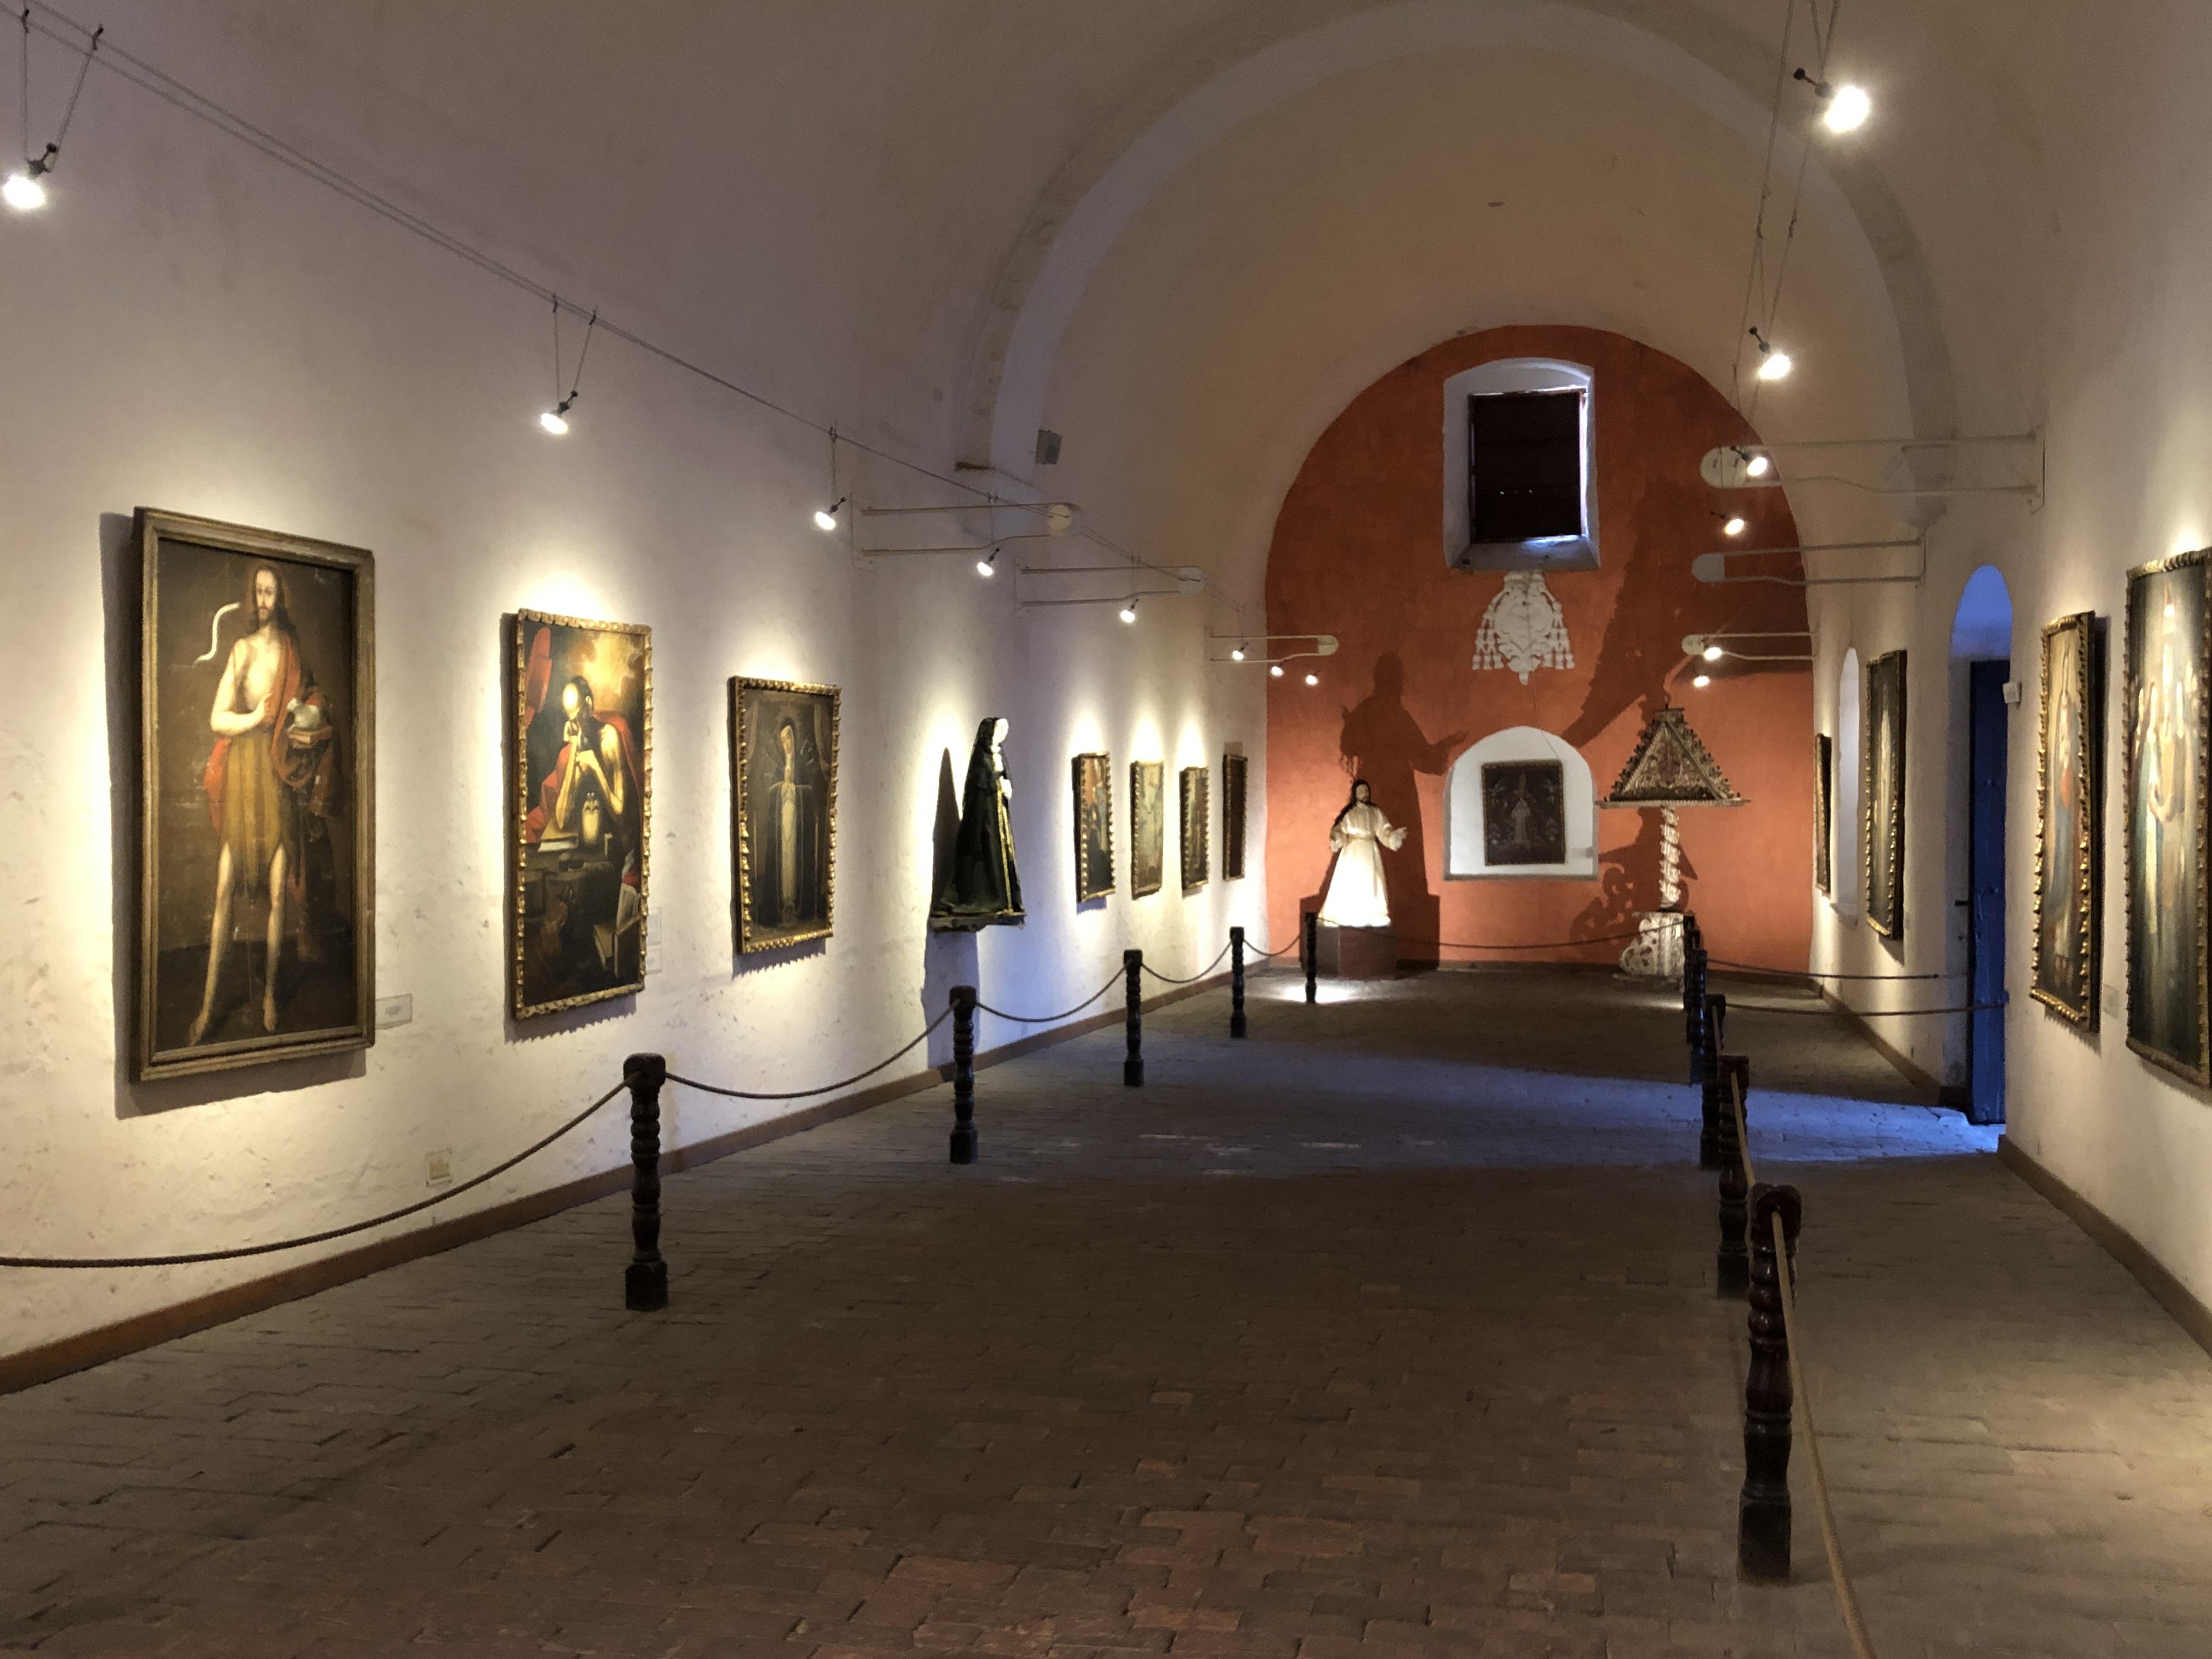 monastery santa catalina art